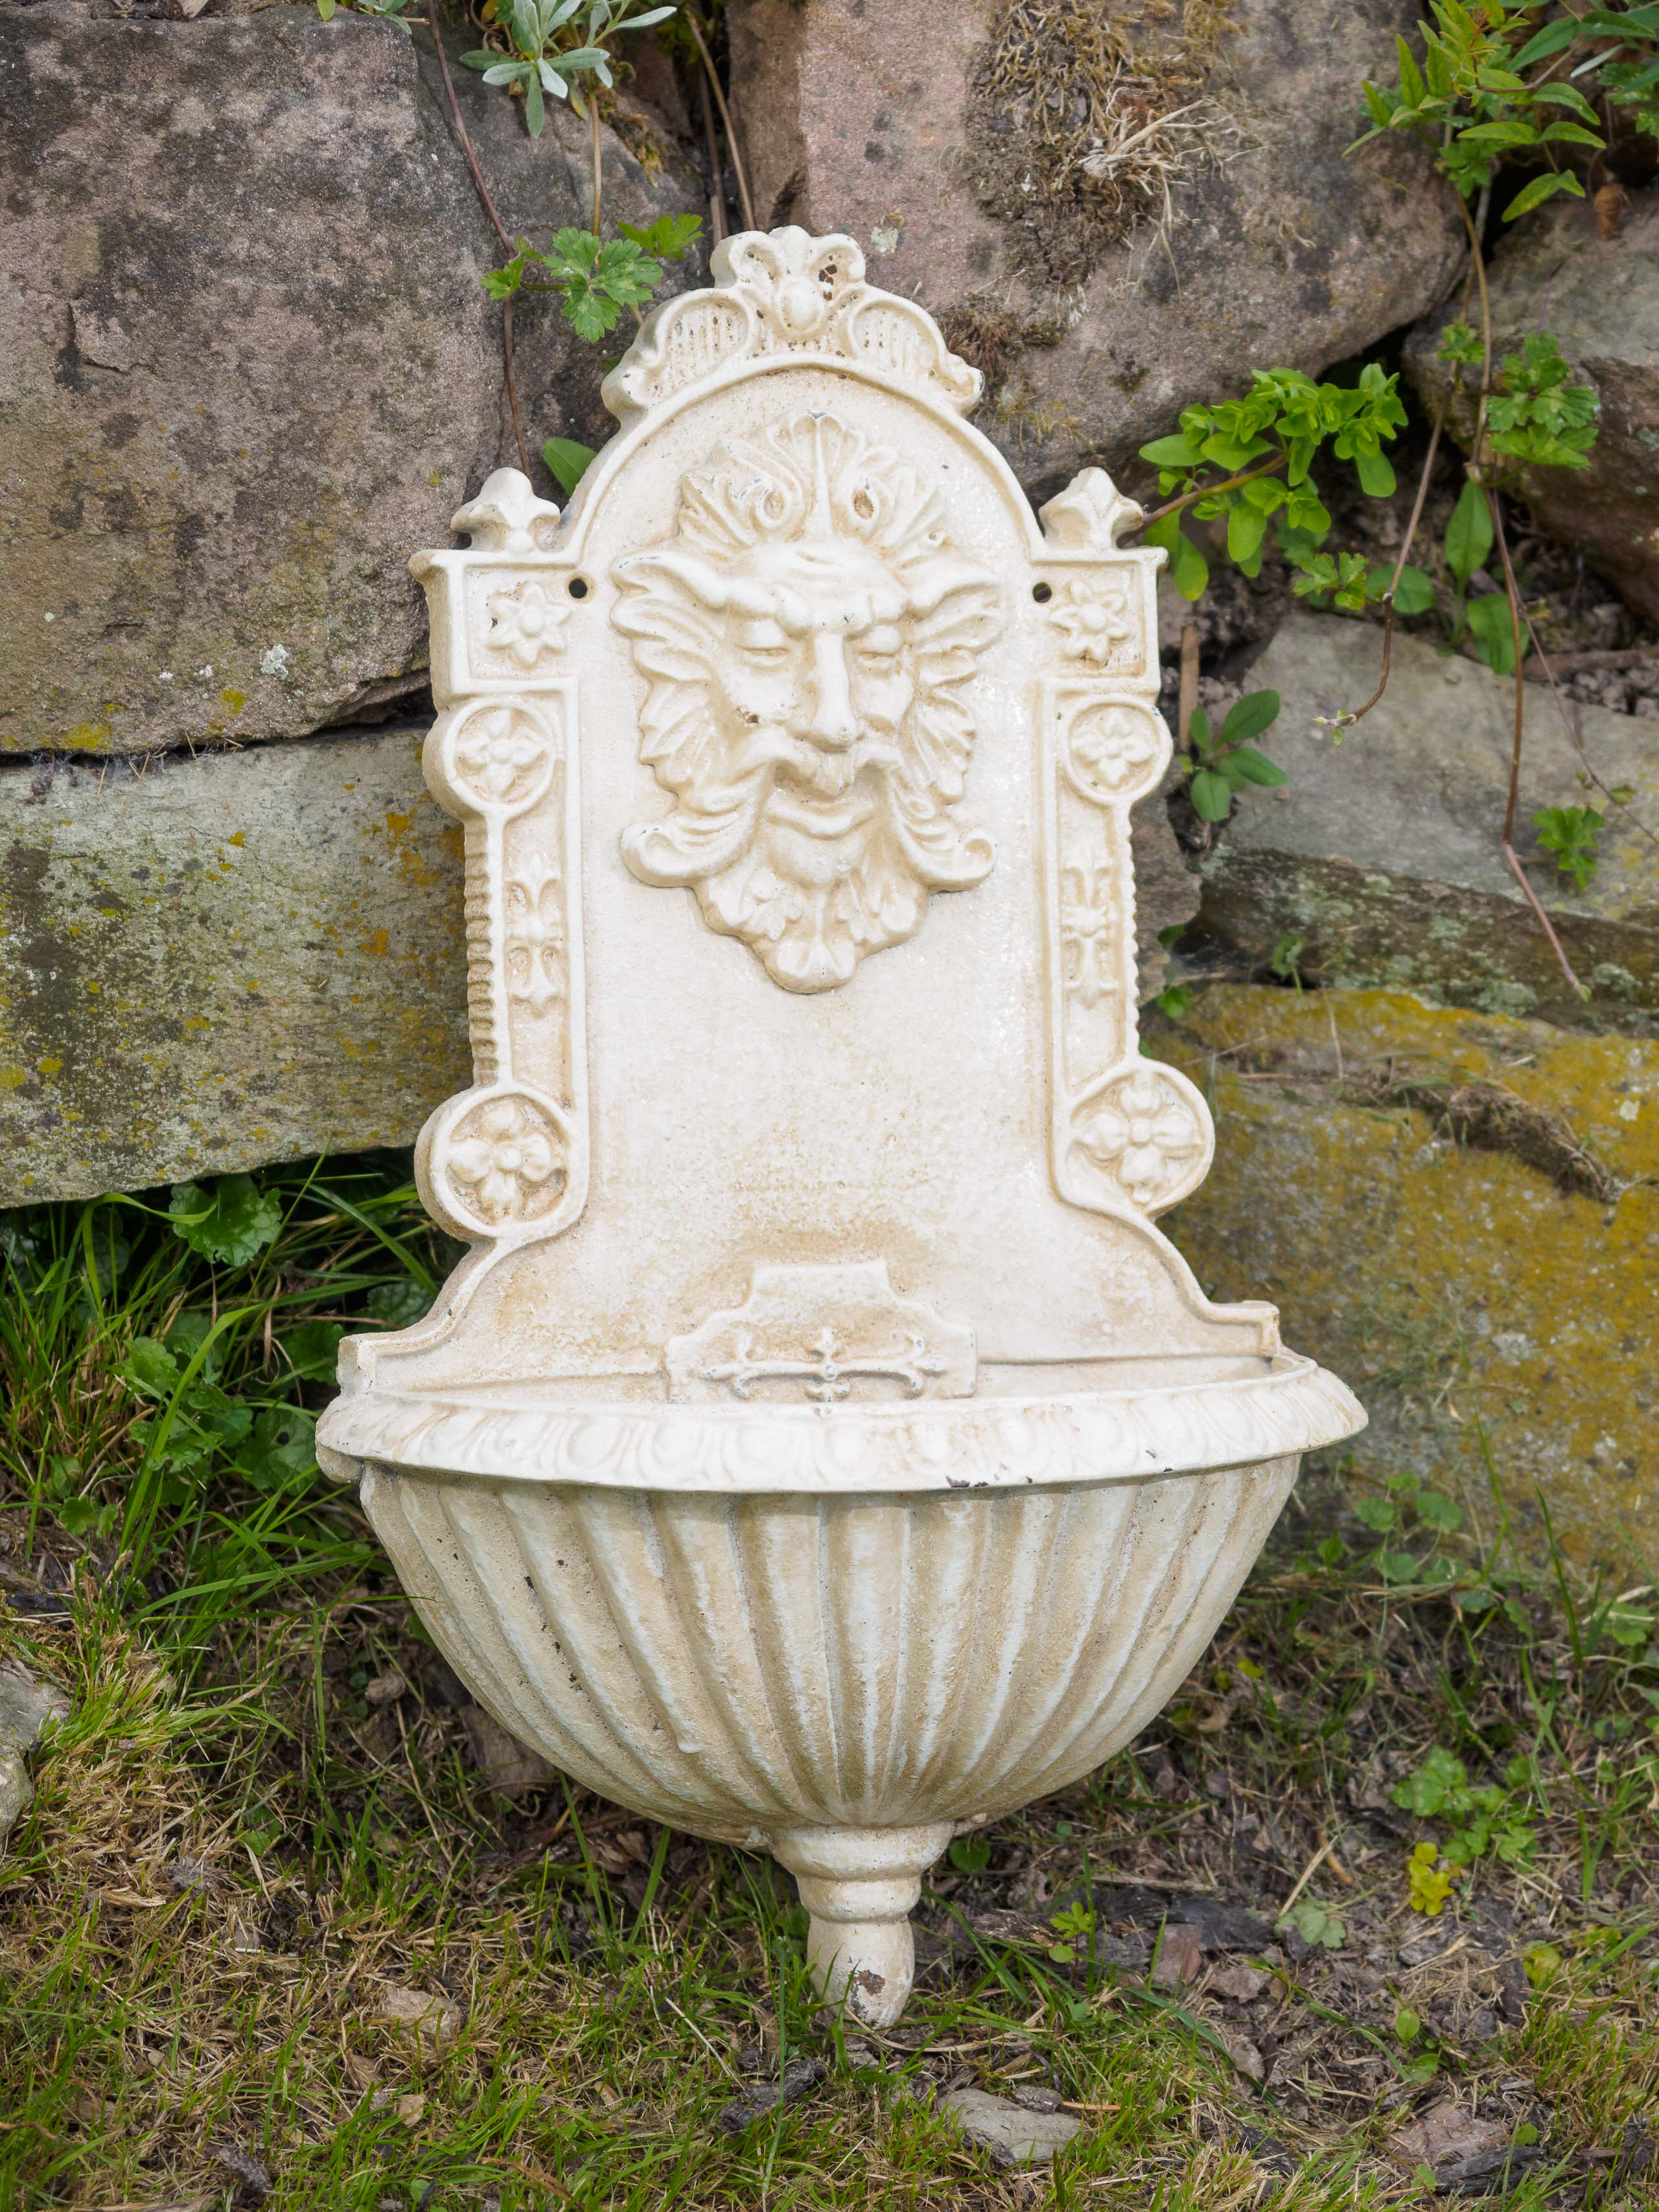 Pflanzschale Waschbecken Wandbrunnen Fabelwesen Eisen Antik Stil